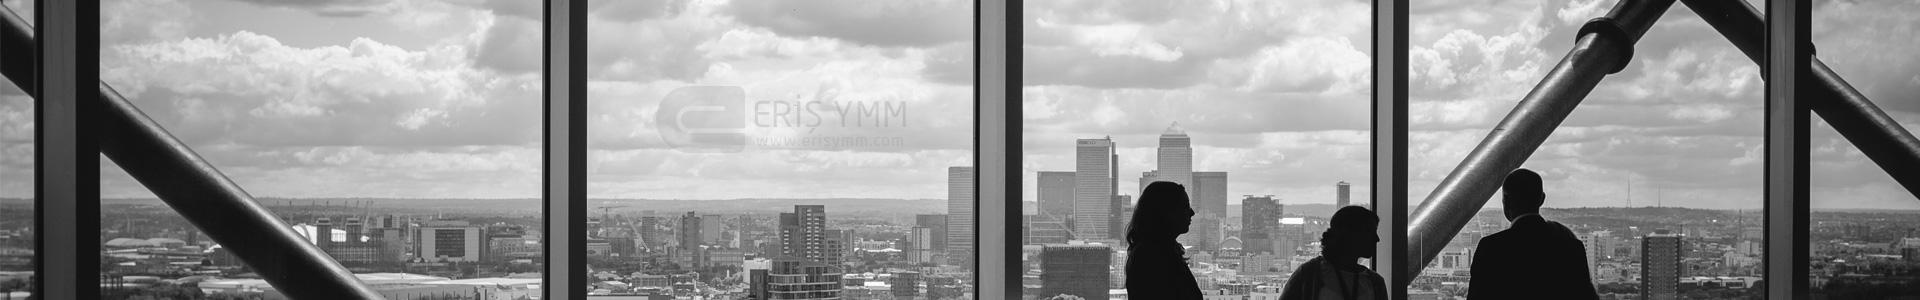 Eriş Bağımsız Denetim ve YMM A.Ş. | Yeminli Mali Müşavirlik ve Bağımsız Denetim Hizmetleri-Banner